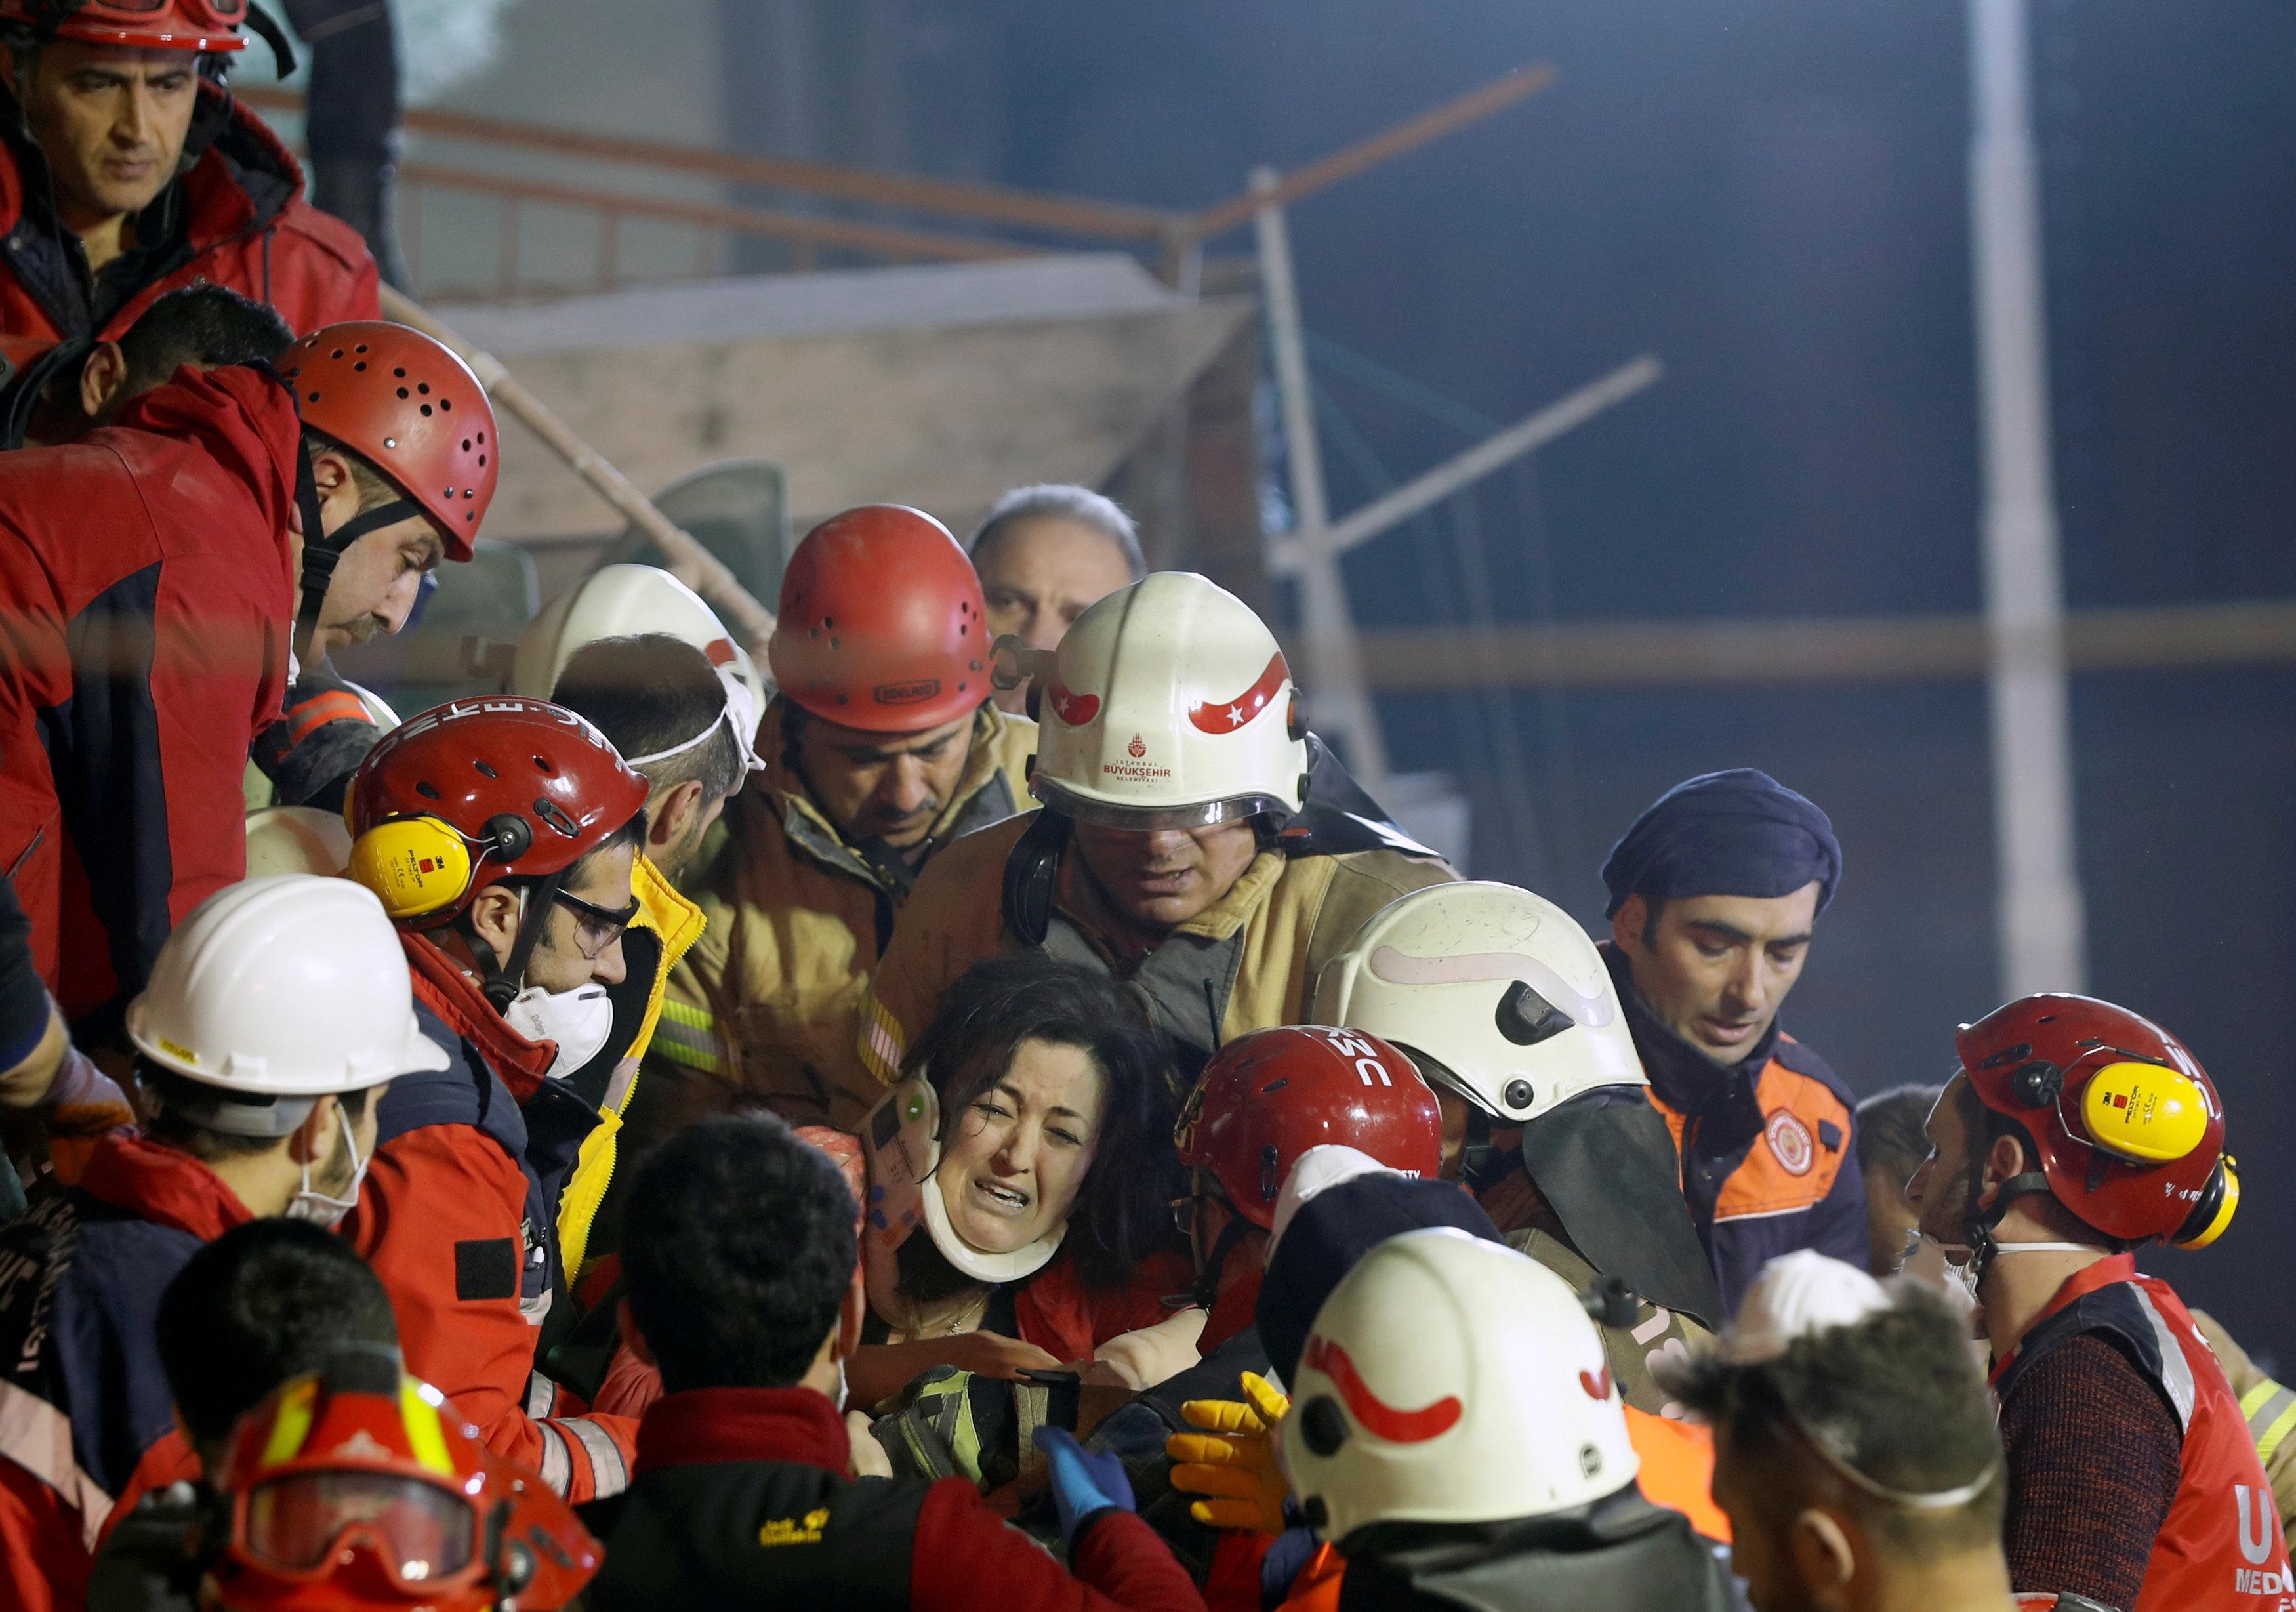 انهيار مبنى سكنى باسطنبول التركية (2)